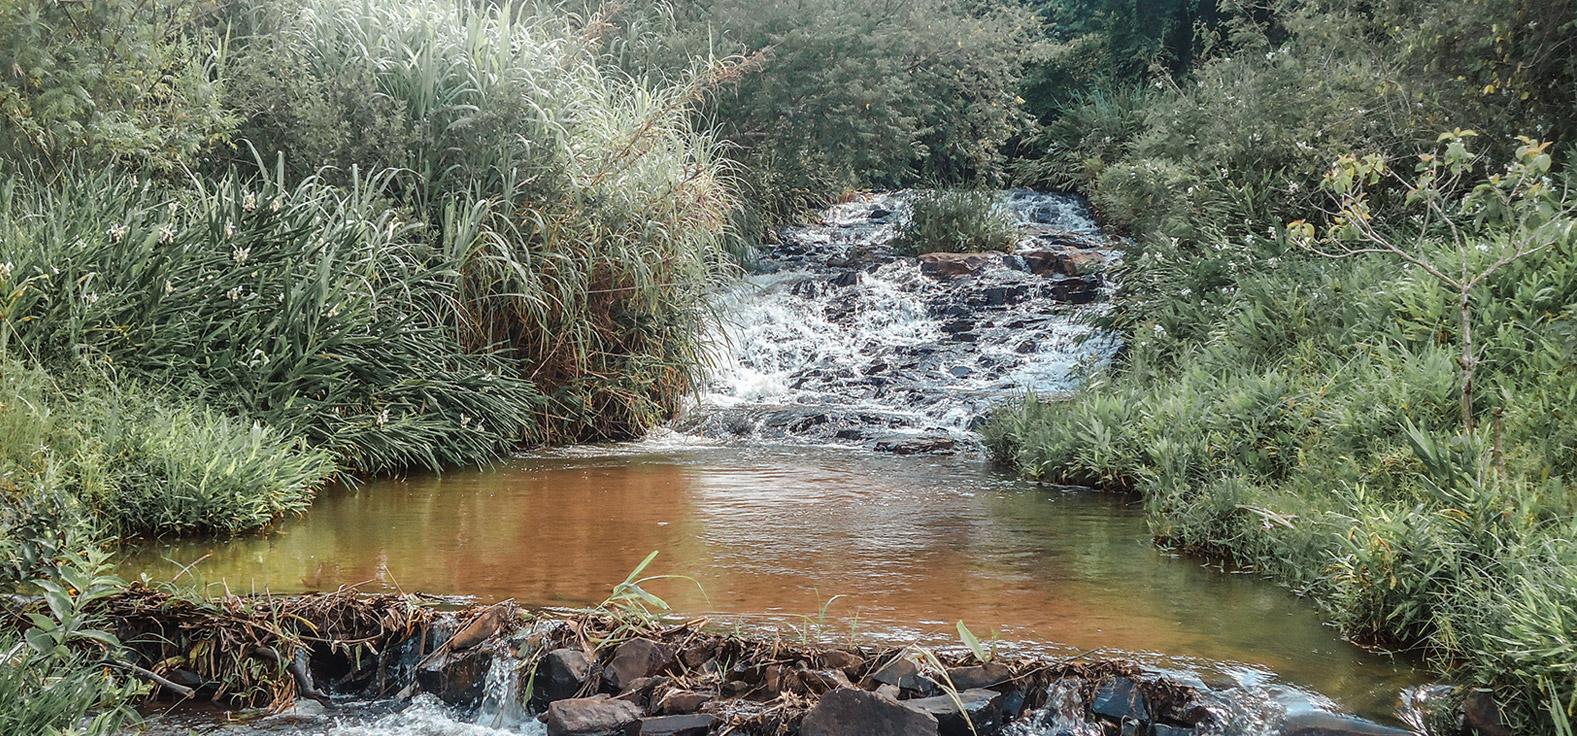 Cachoeira Roncador em Analândia | Portal Serra do Itaquerí